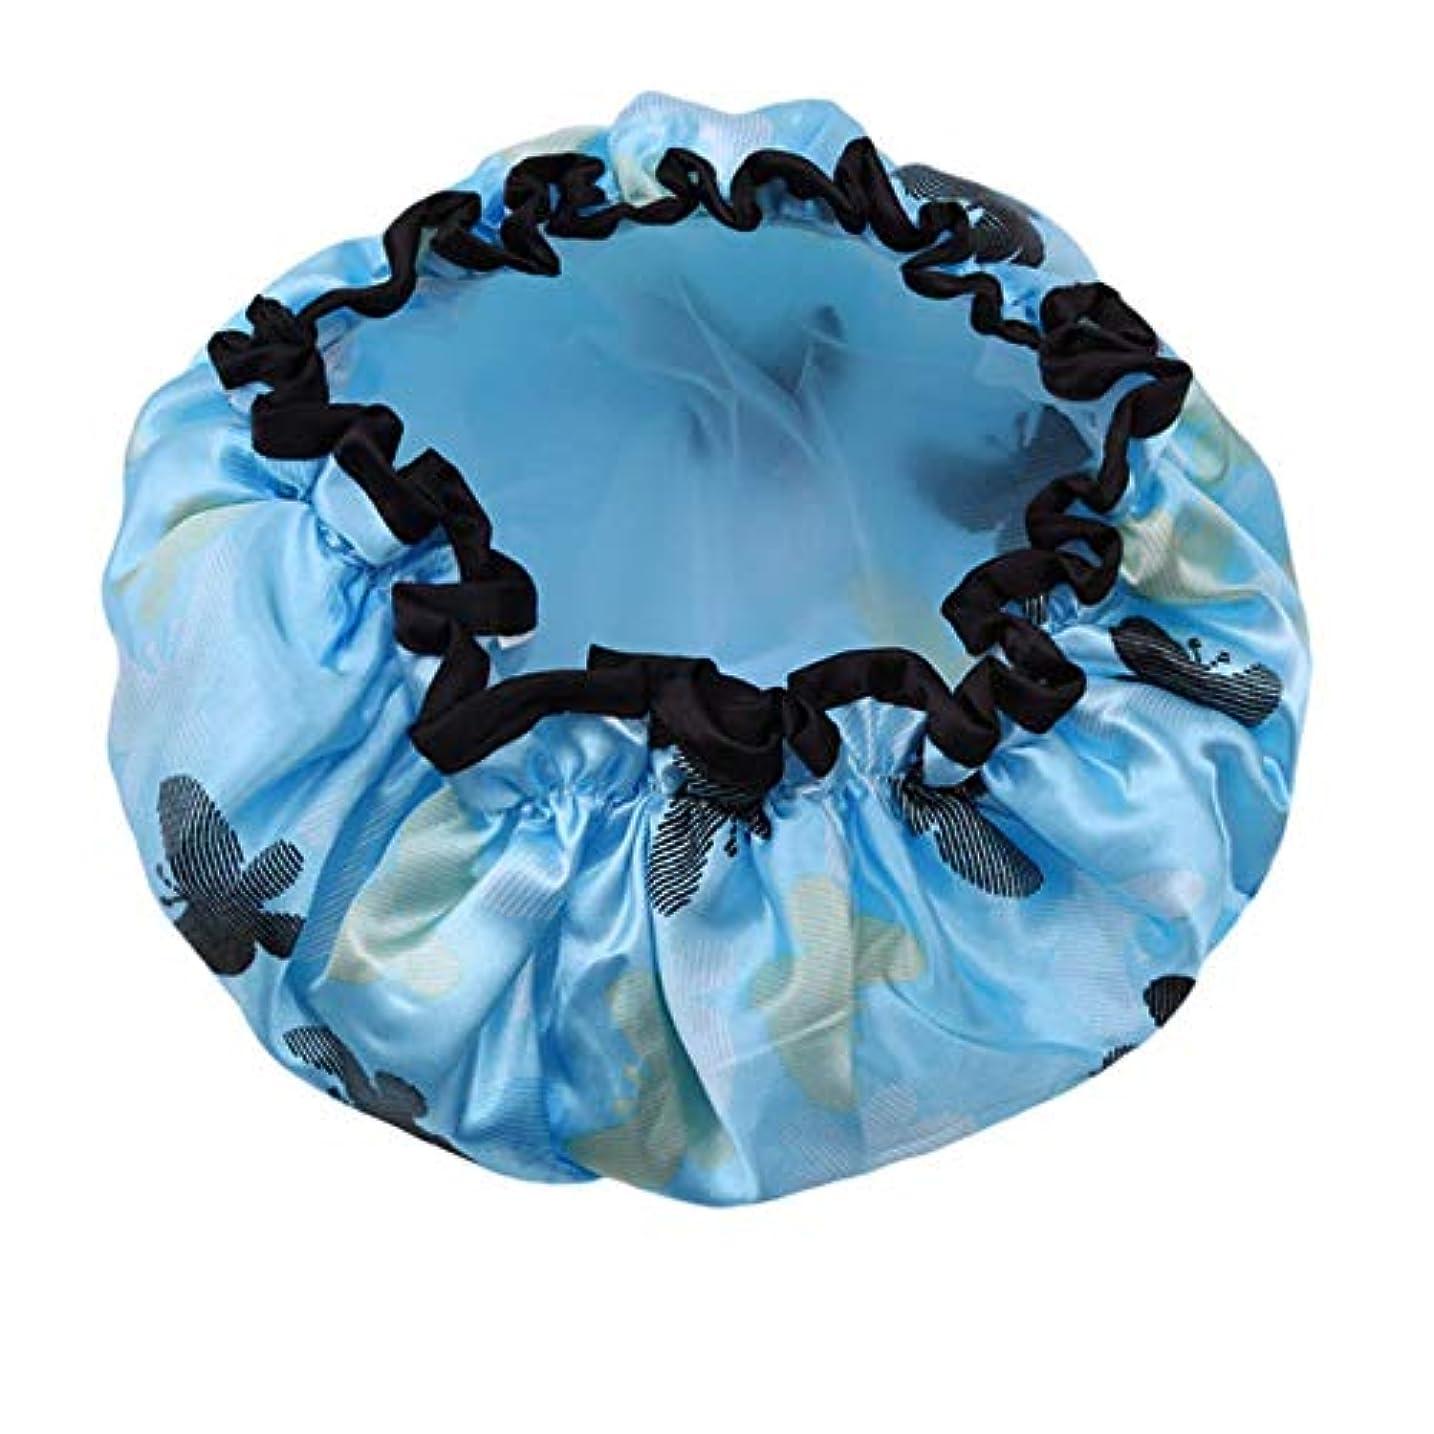 列挙する版解任1st market プレミアム二層バスキャップエラスティックバンドシャワー帽子防水女性用シャワースパスタイル3